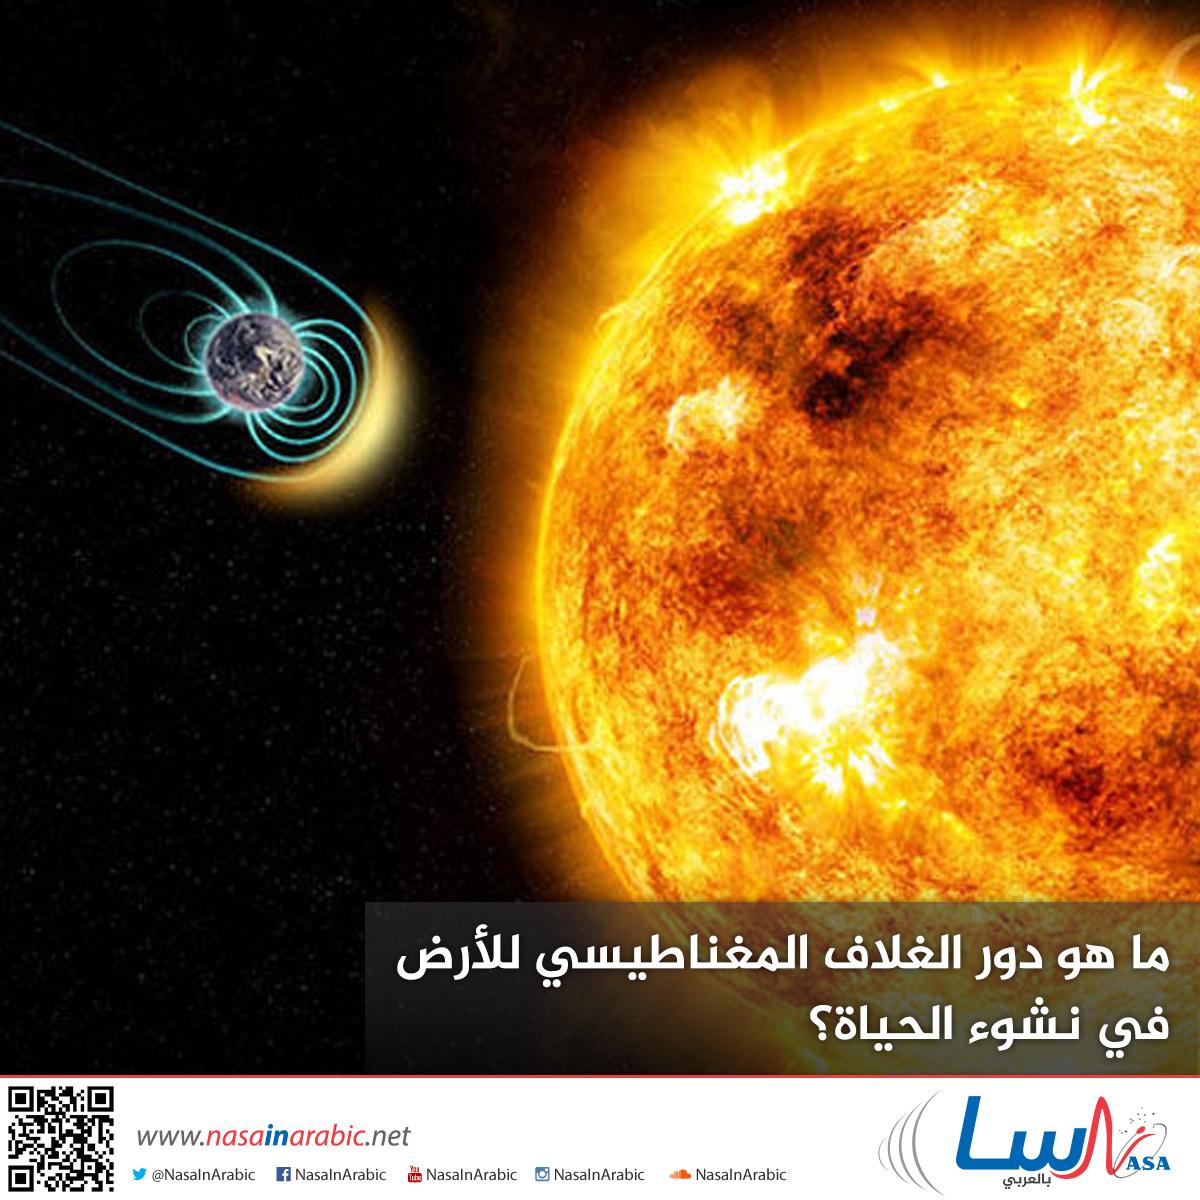 ما هو دور الغلاف المغناطيسي للأرض في نشوء الحياة؟